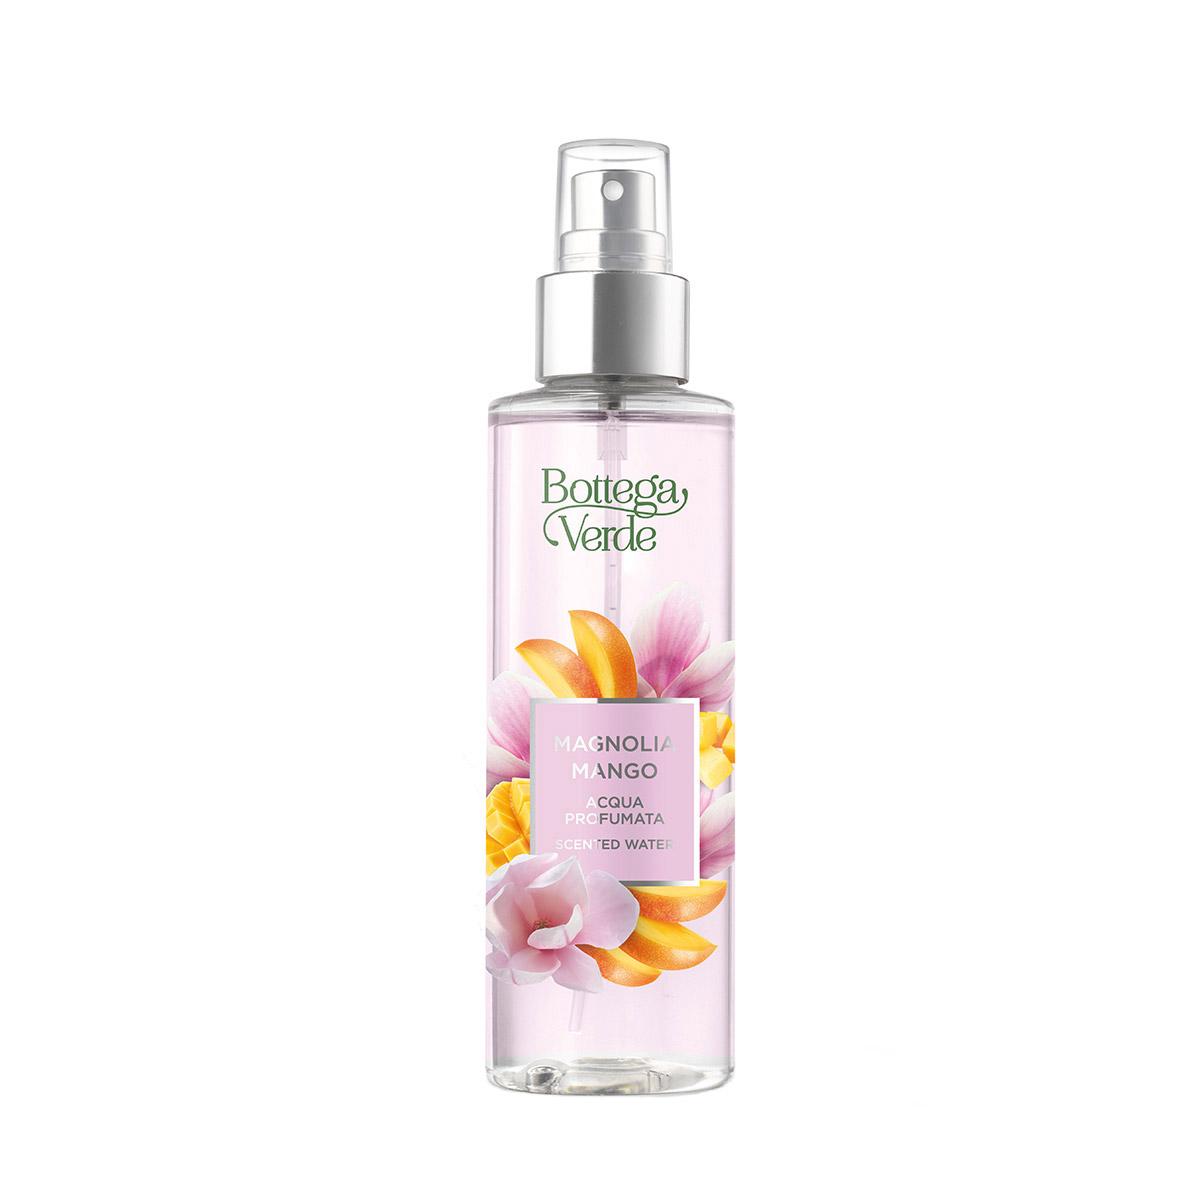 Apa parfumata cu note de flori de magnolie si mango imagine